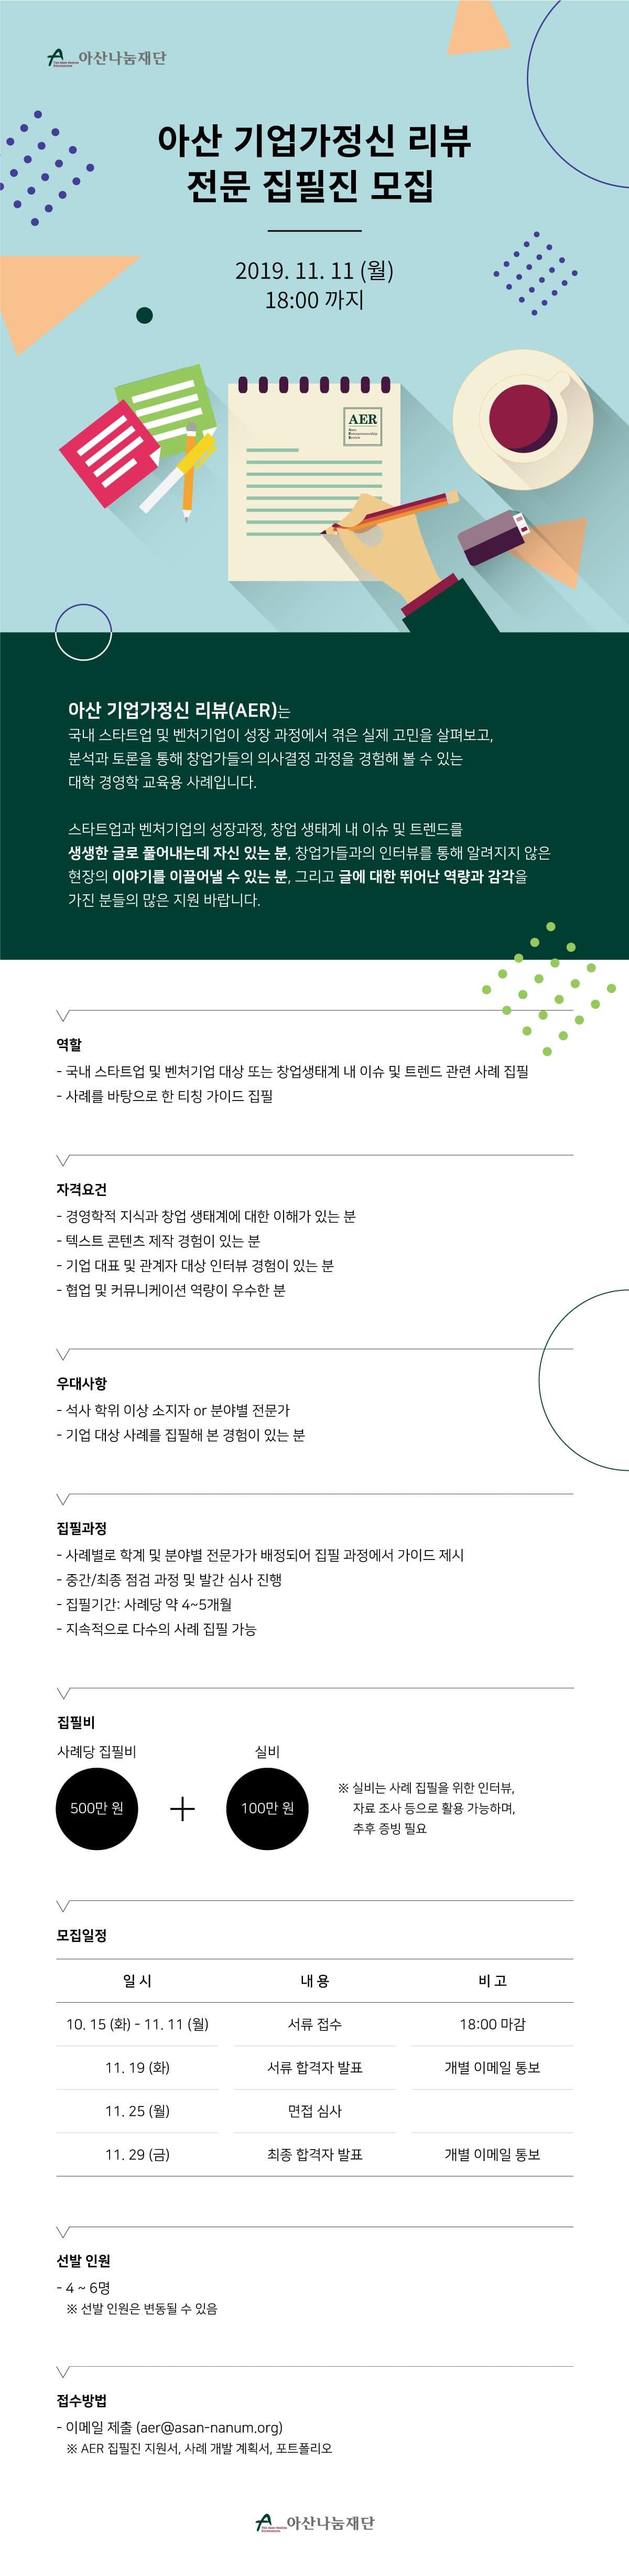 AER_전문_집필진_모집_웹자보